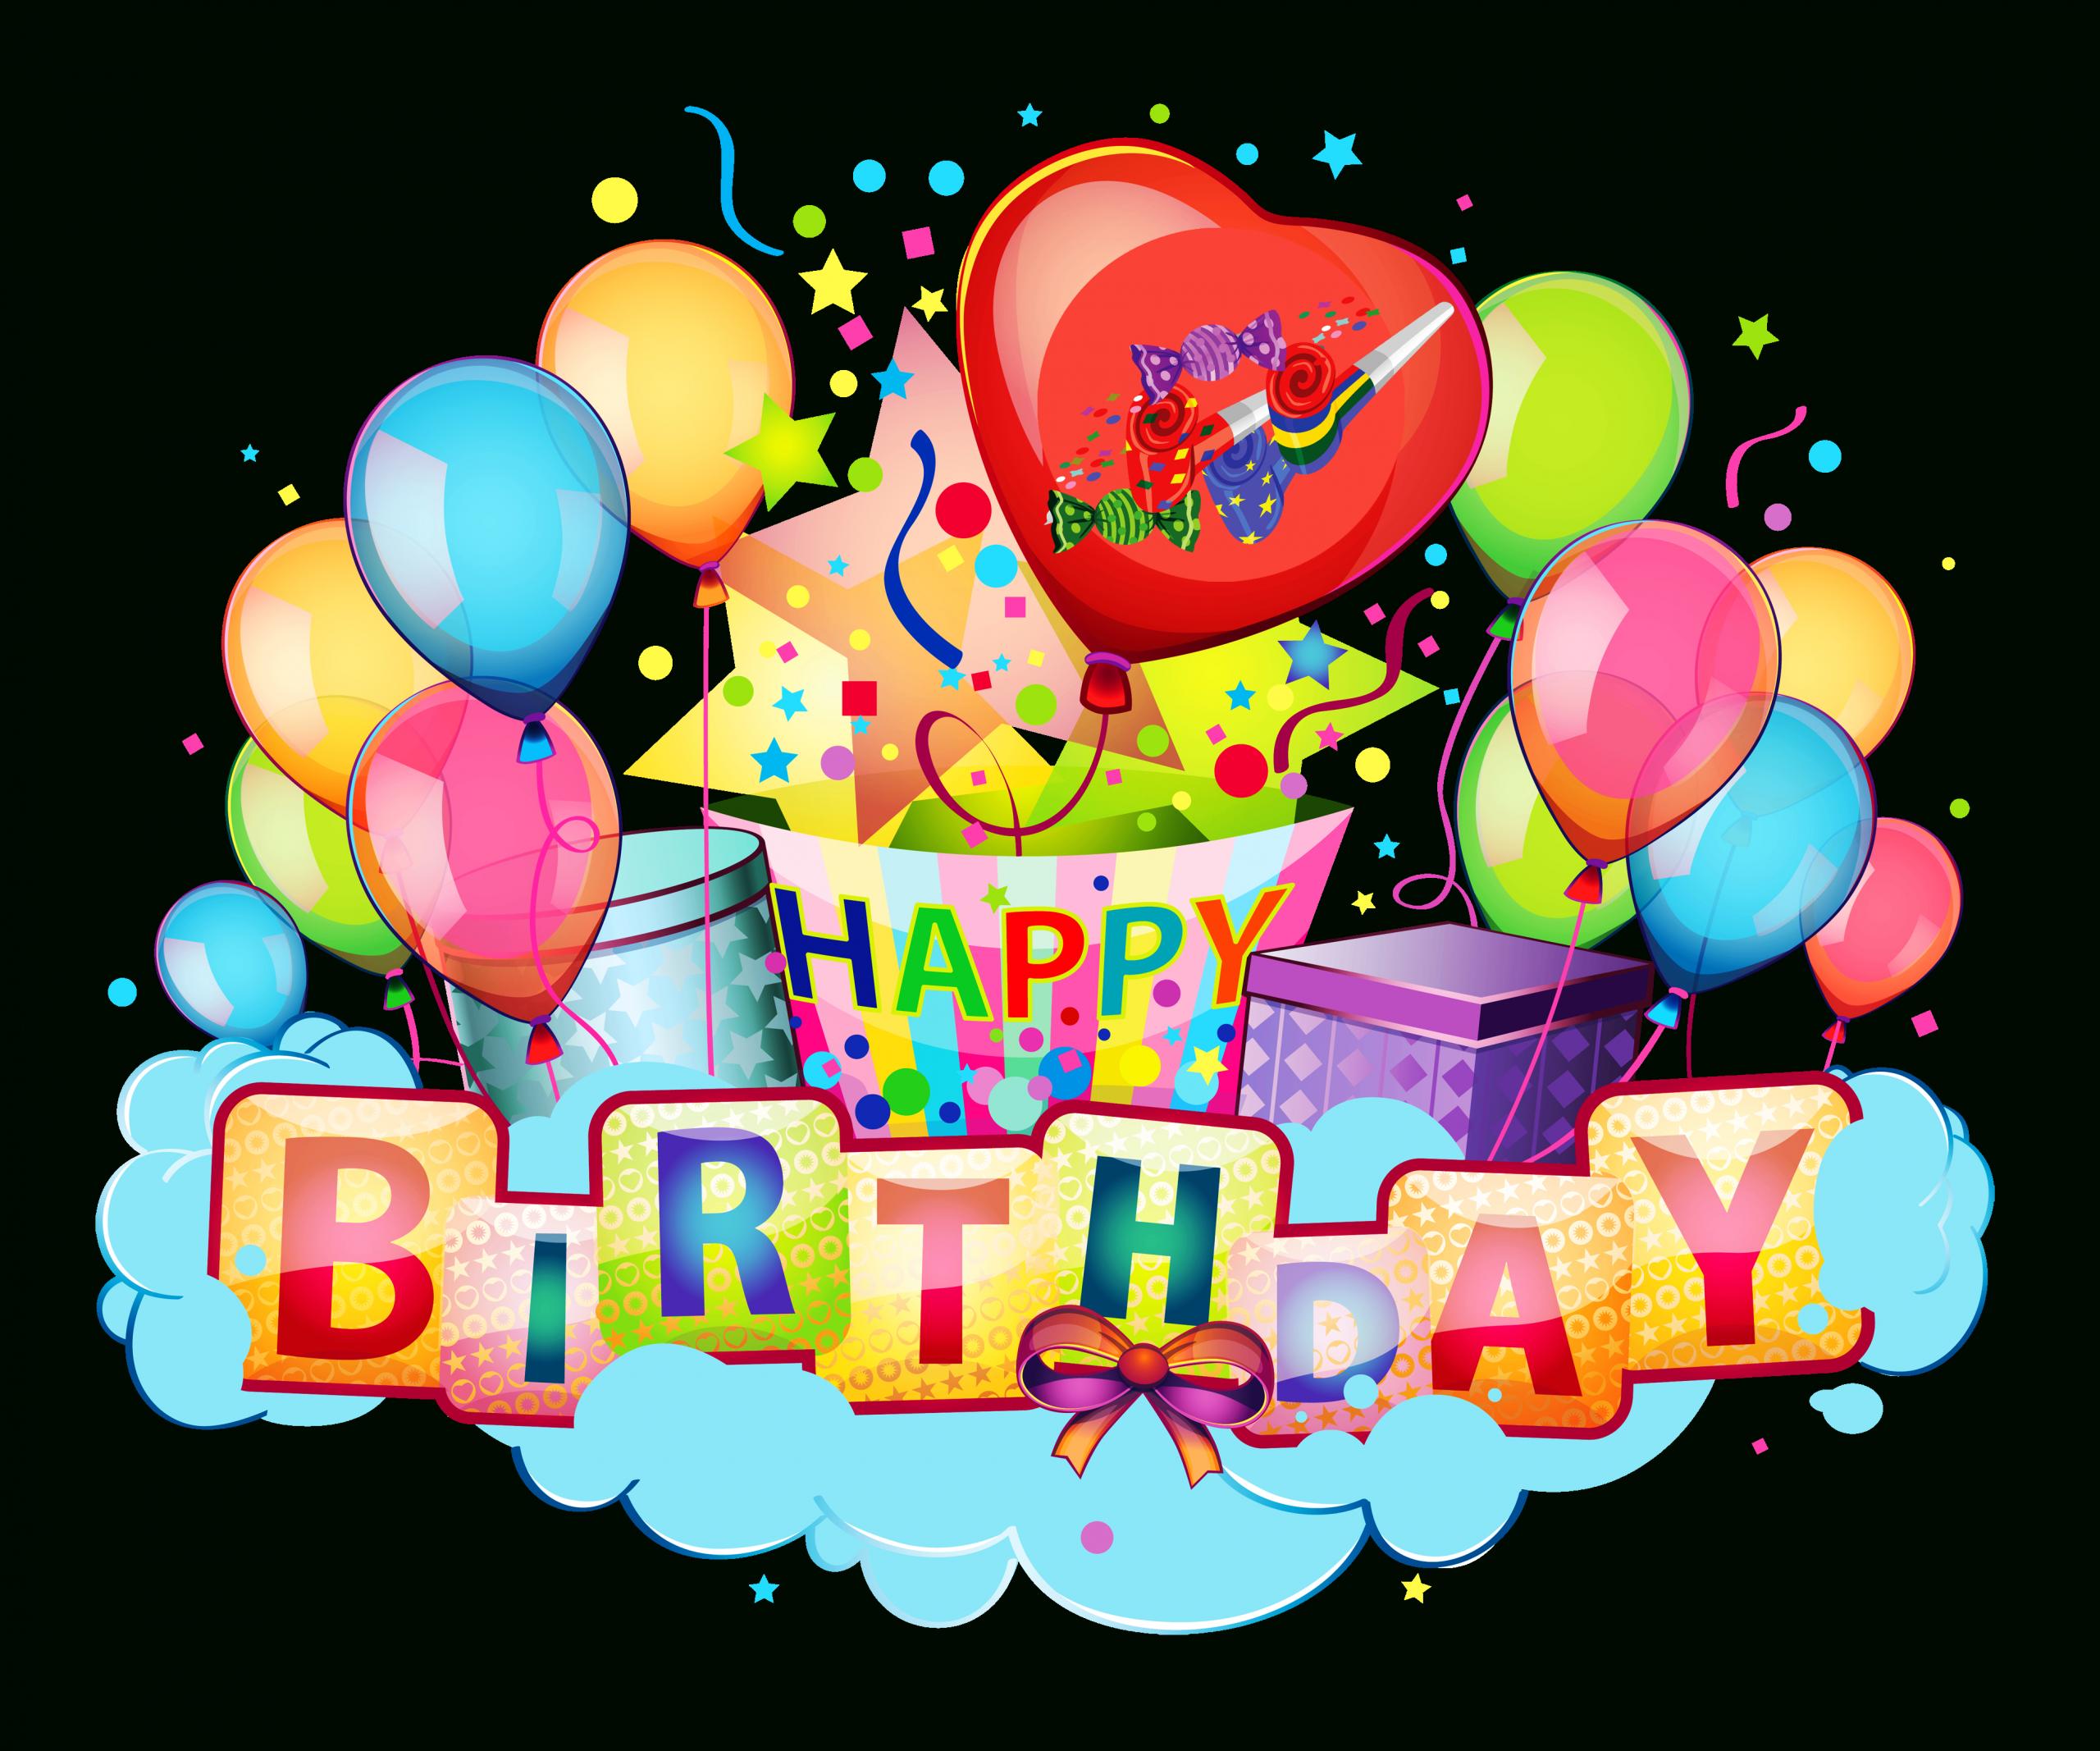 Library Of Clips Zum Geburtstag Kostenlos Png Files für Bild Geburtstag Kostenlos